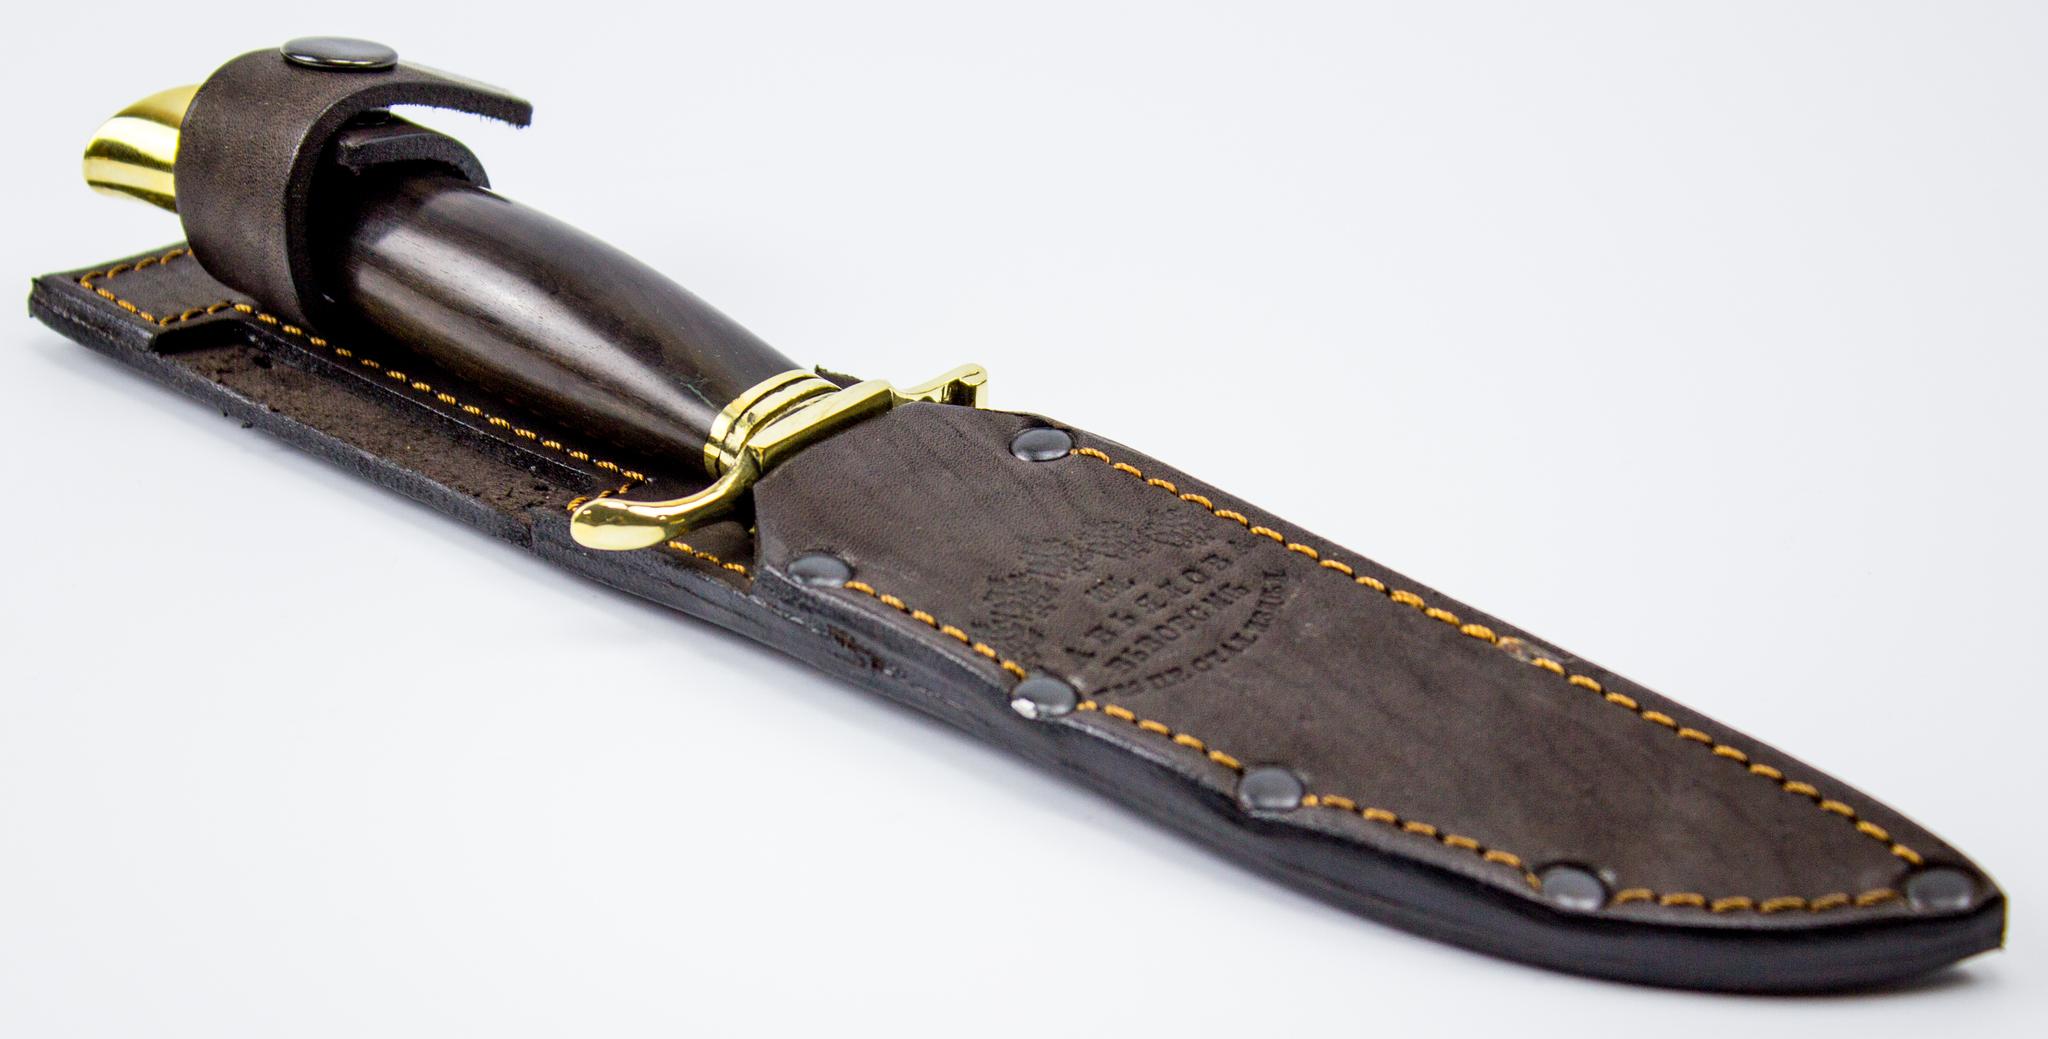 Фото 2 - Финка НКВД из дамасской стали, ручка граб от Кузница Завьялова